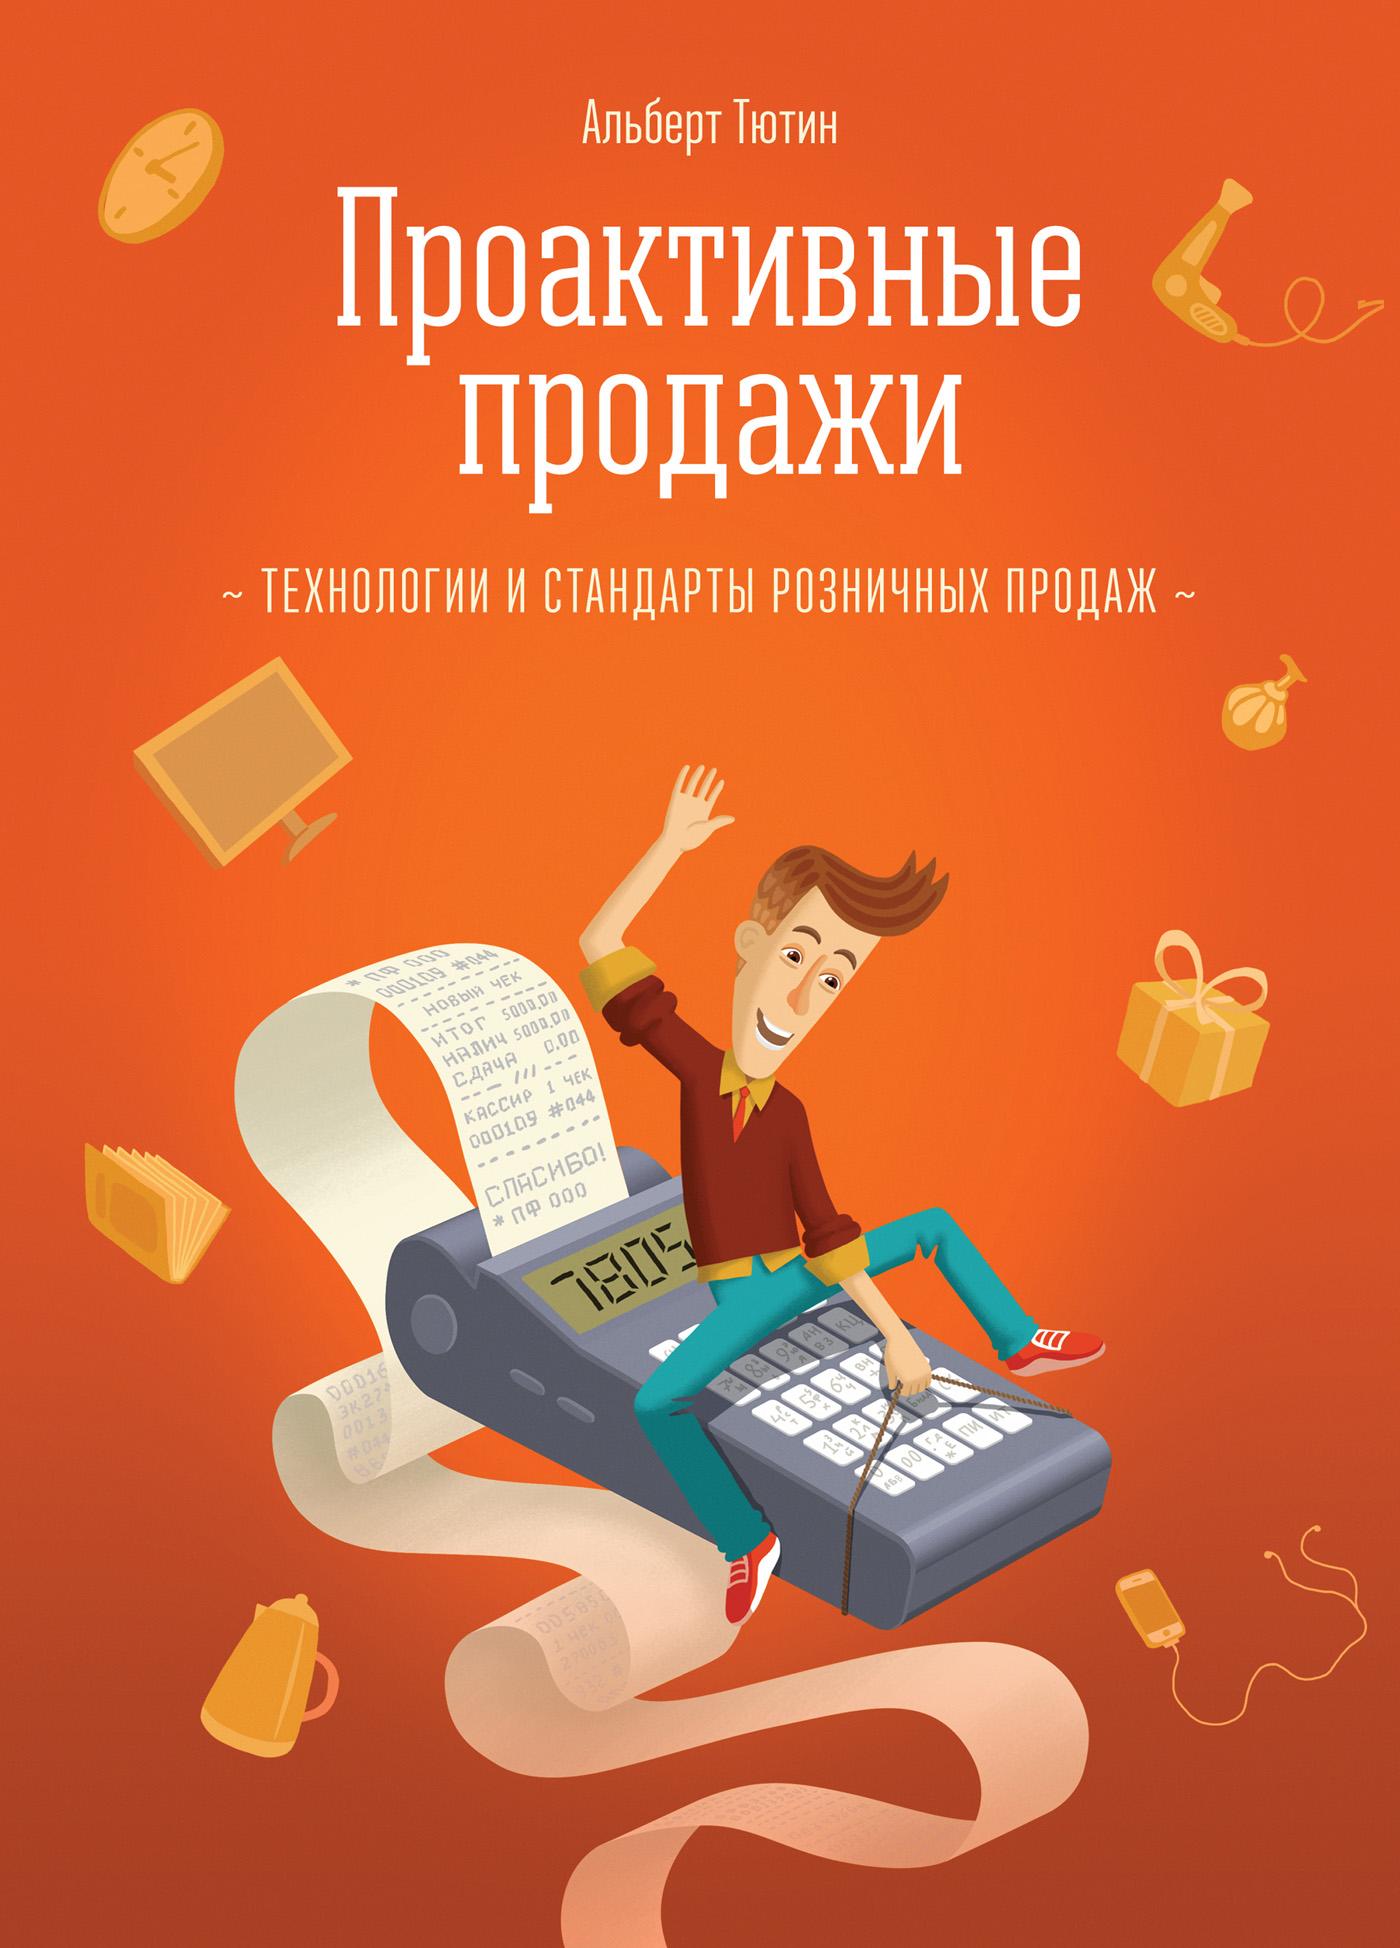 Коэффициенты по видам деятельности по енвд по славянскому